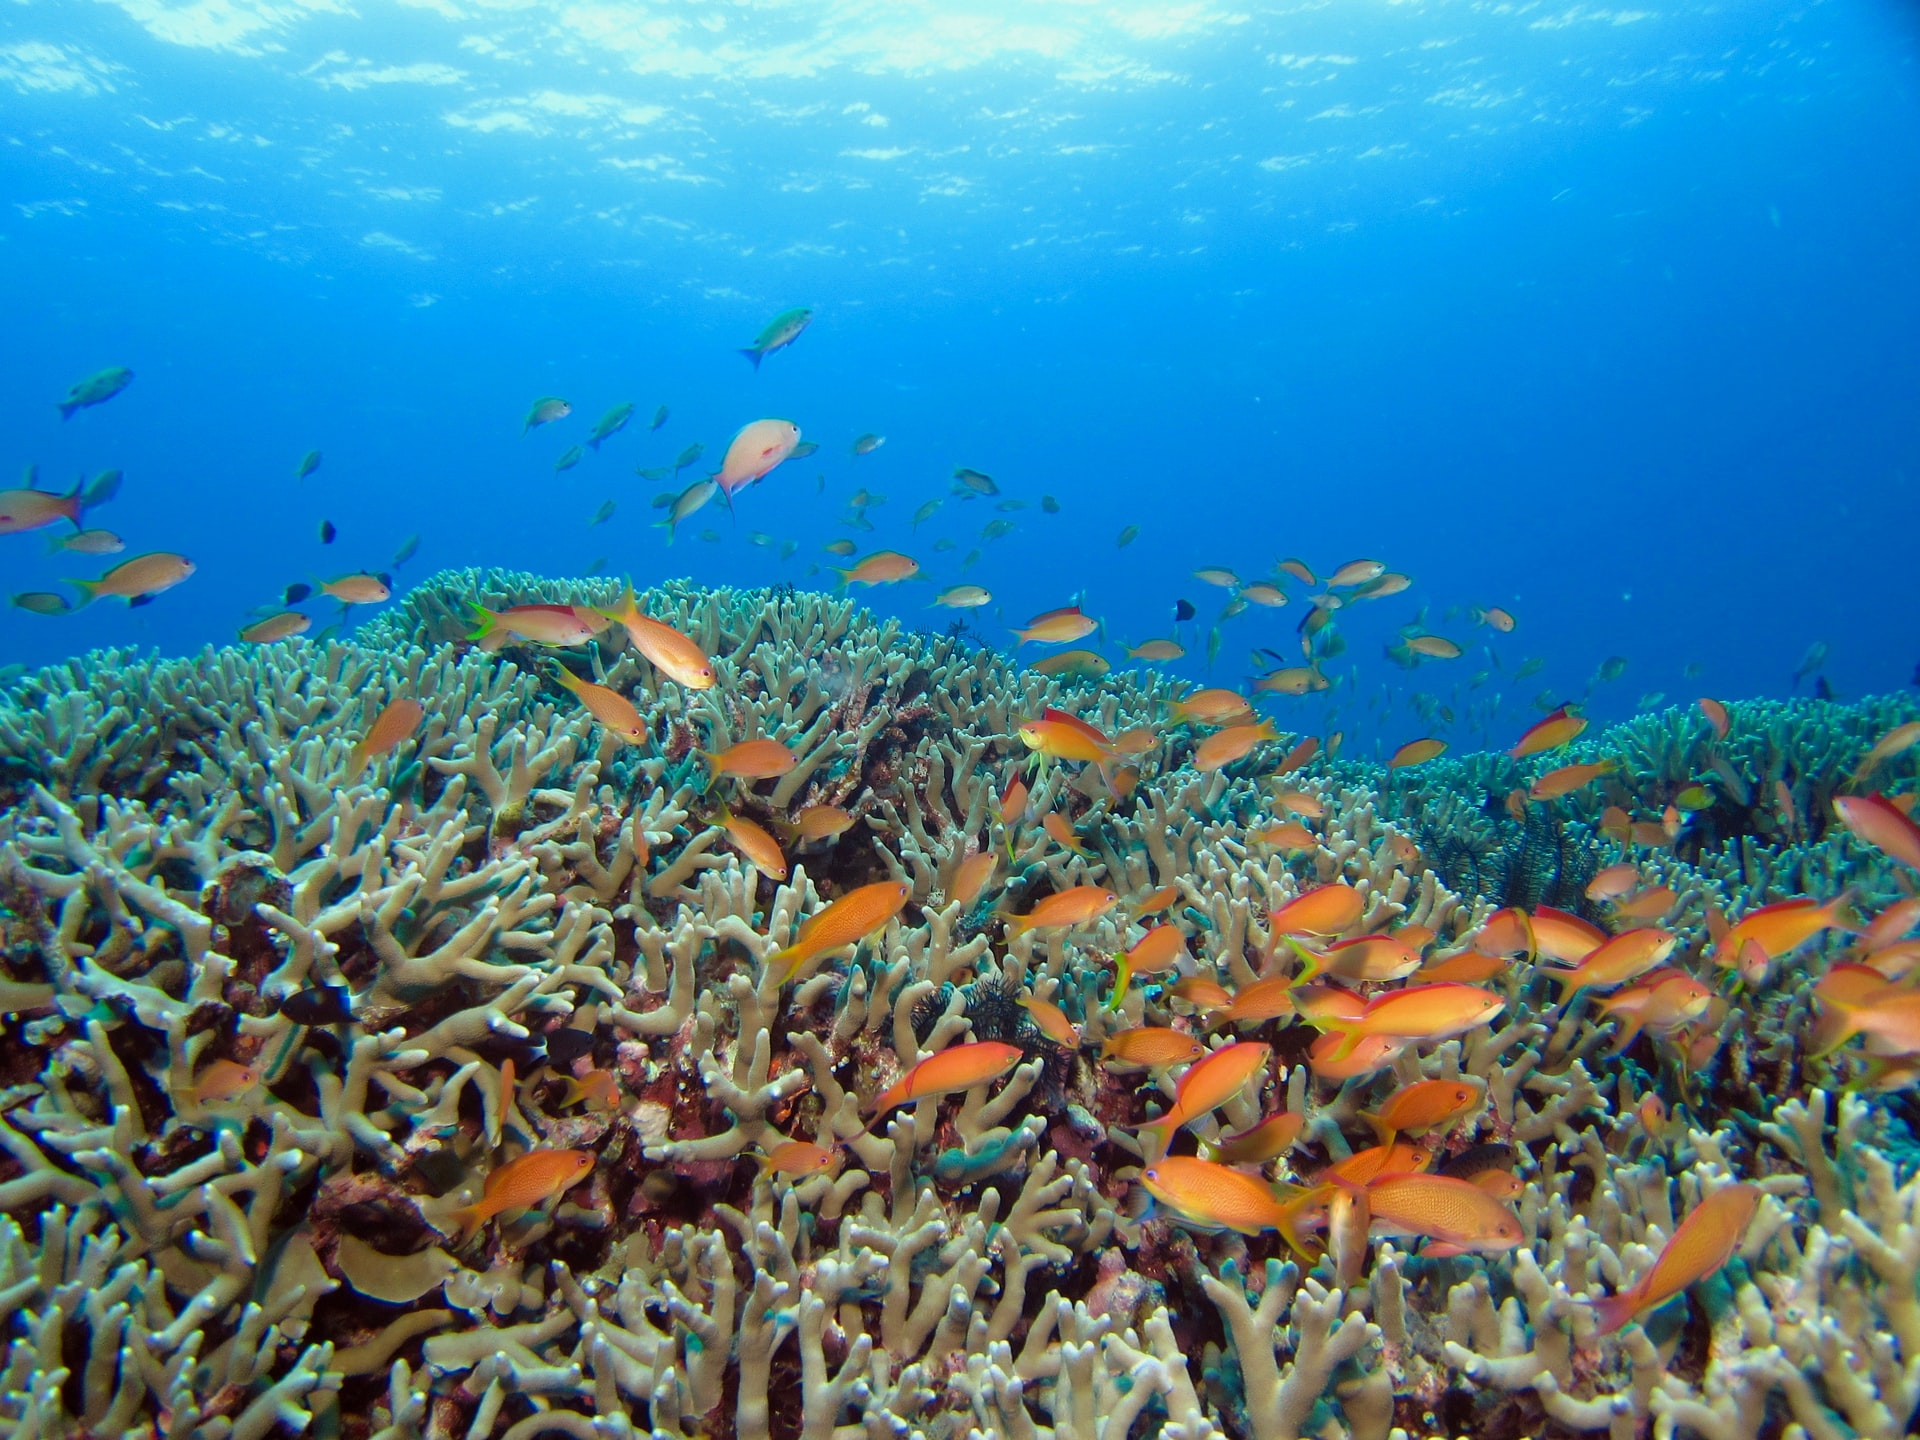 サンゴ礁がなくなると発生する問題は?絶滅の影響とは